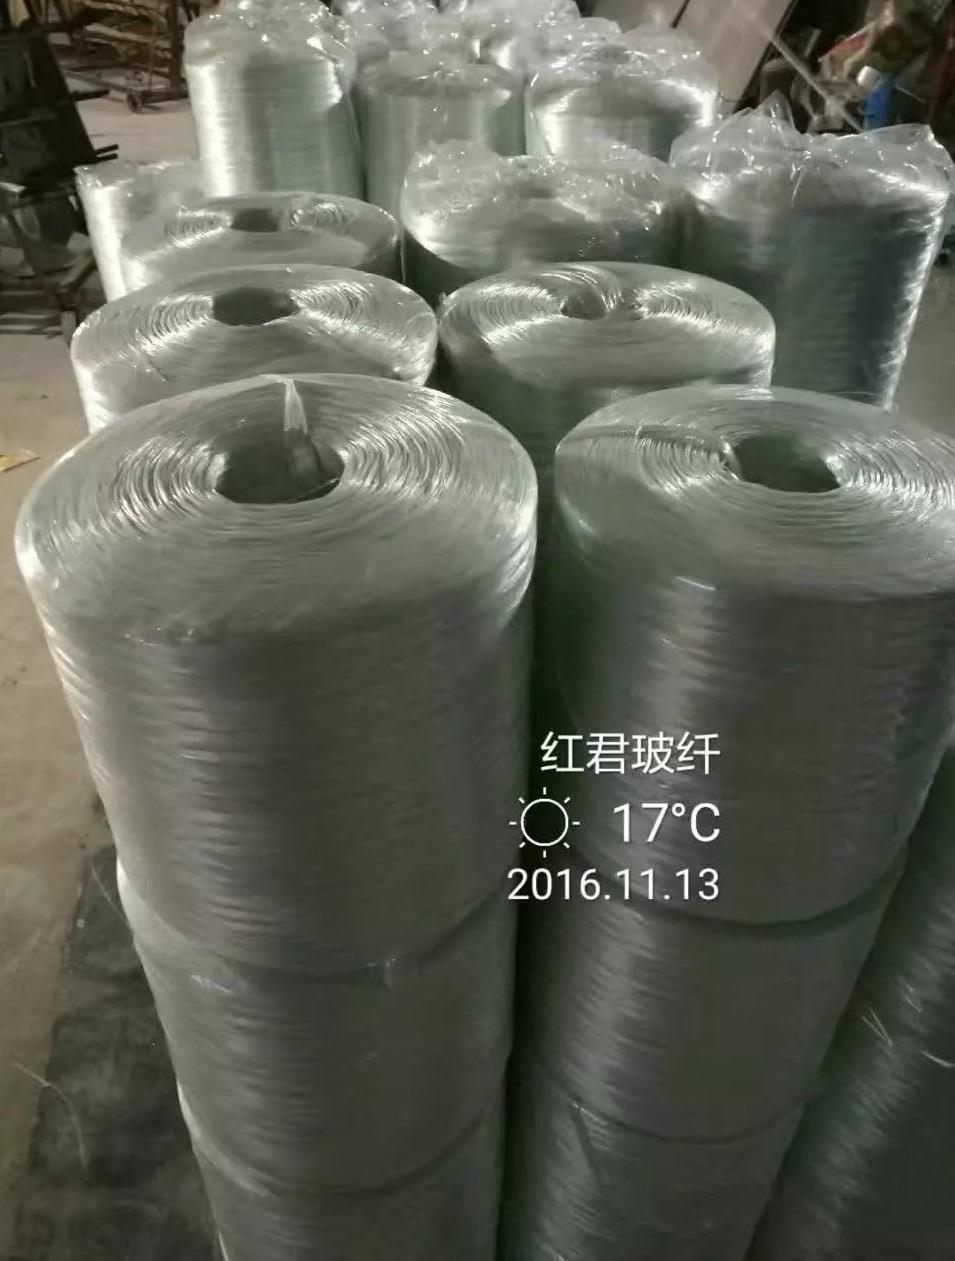 增强纱厂家直销价格低质量好 玻璃纤维增强纱直接纱增强纱短切毡